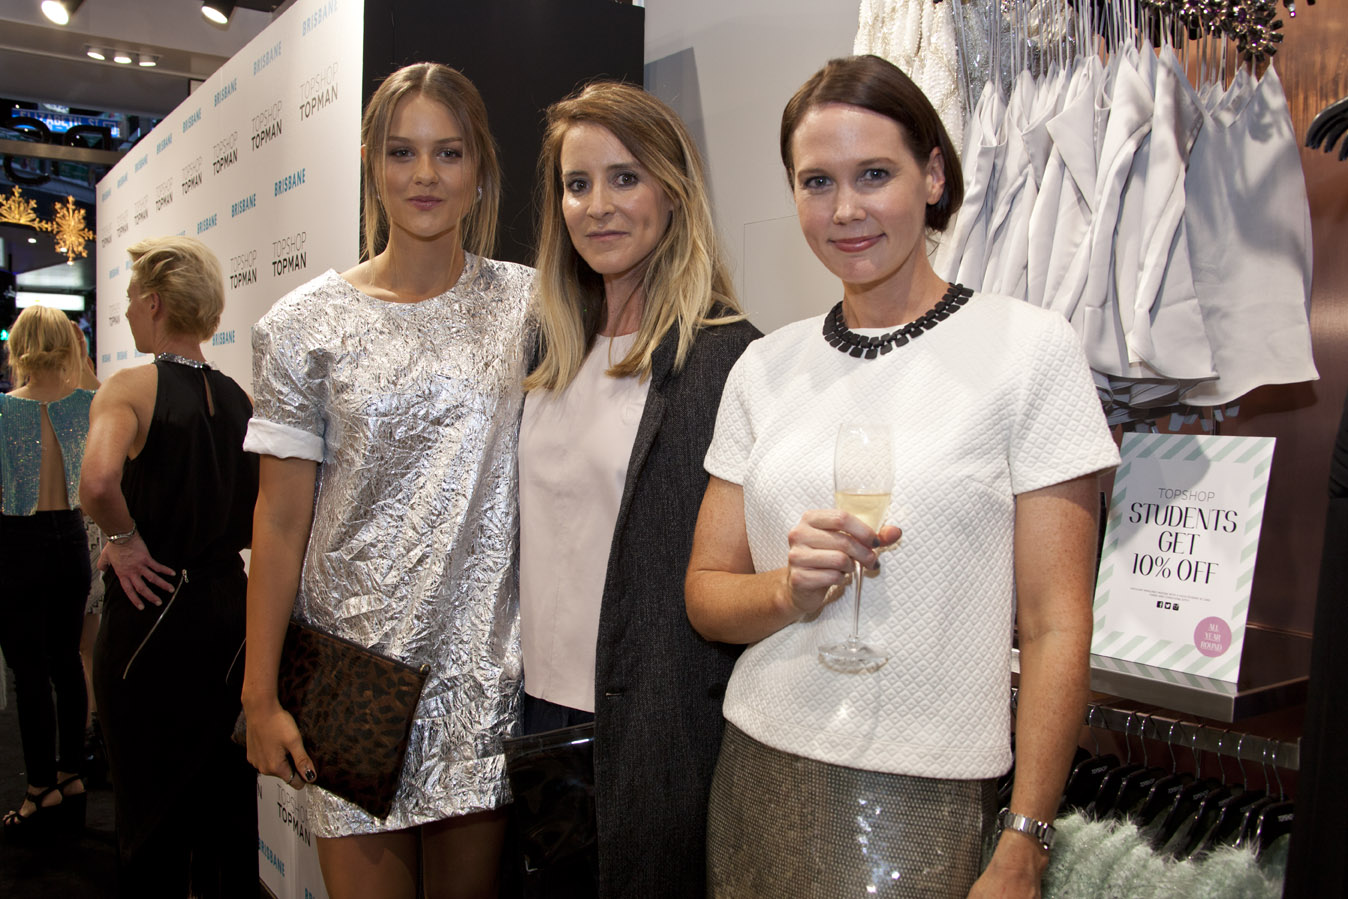 Isabella Cormish, Mandy Shardforth and Prue Thomas